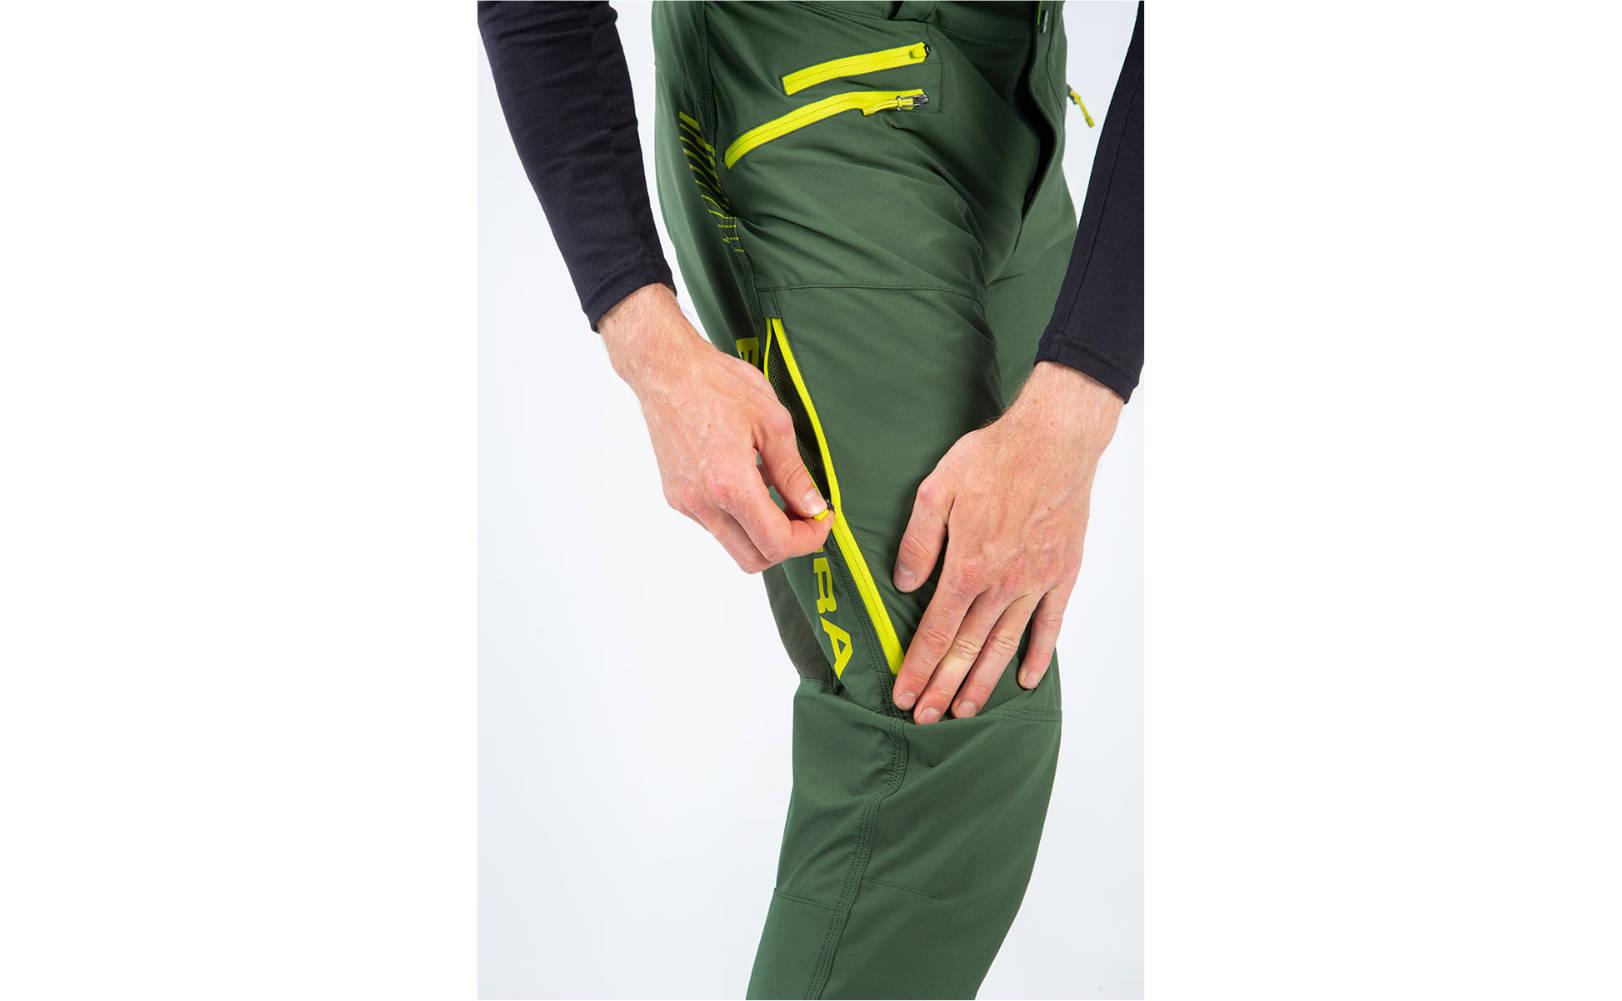 Endura SingleTrack II Trouser in Forest Green - side leg